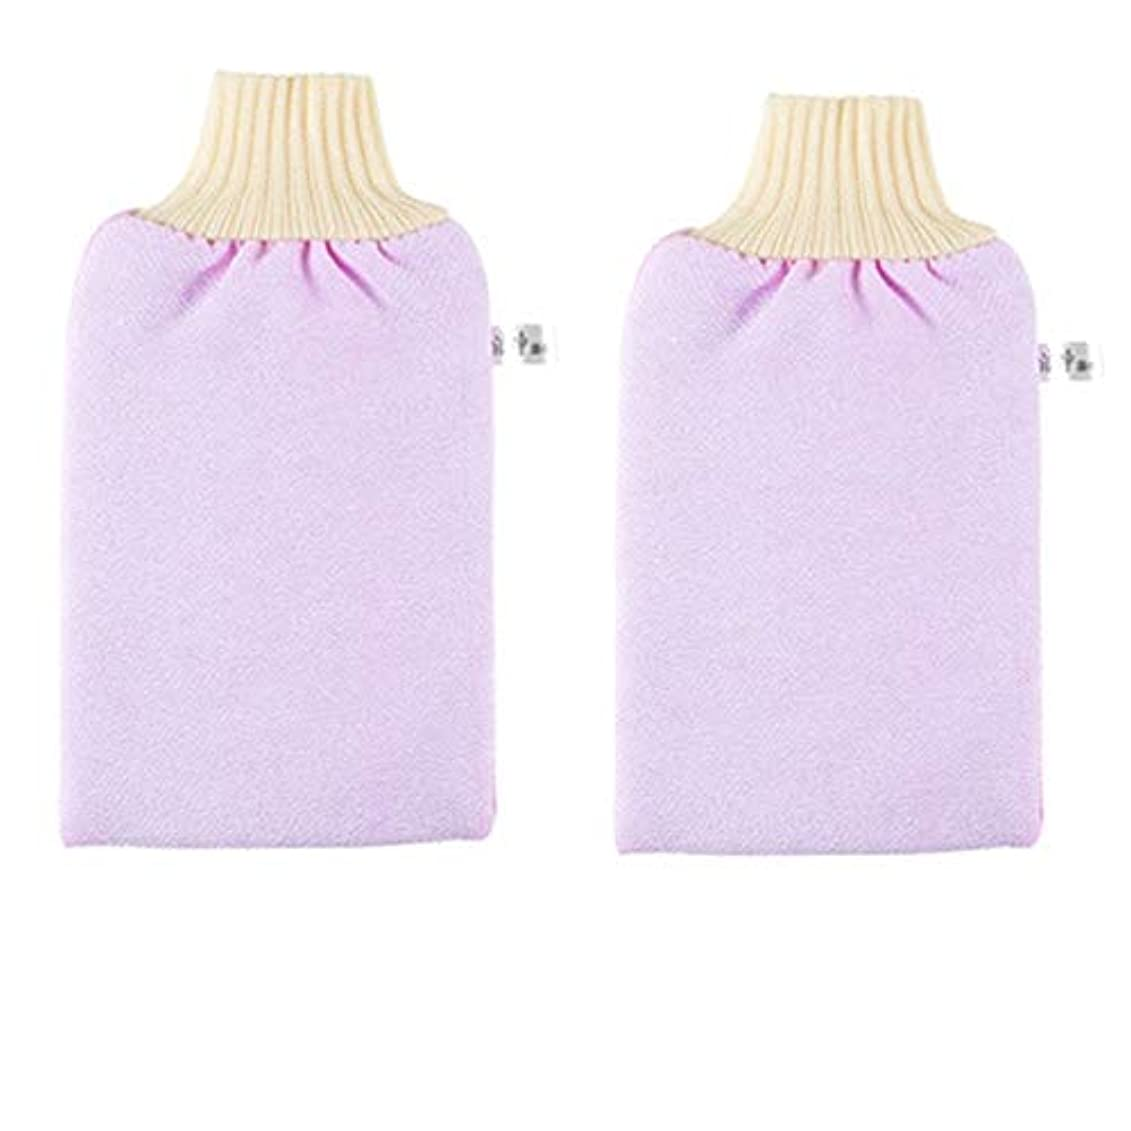 潤滑する影響を受けやすいです連合BTXXYJP お風呂用手袋 シャワー手袋 あかすり ボディブラシ やわらか ボディタオル 角質除去 (Color : Pink-2 packs)